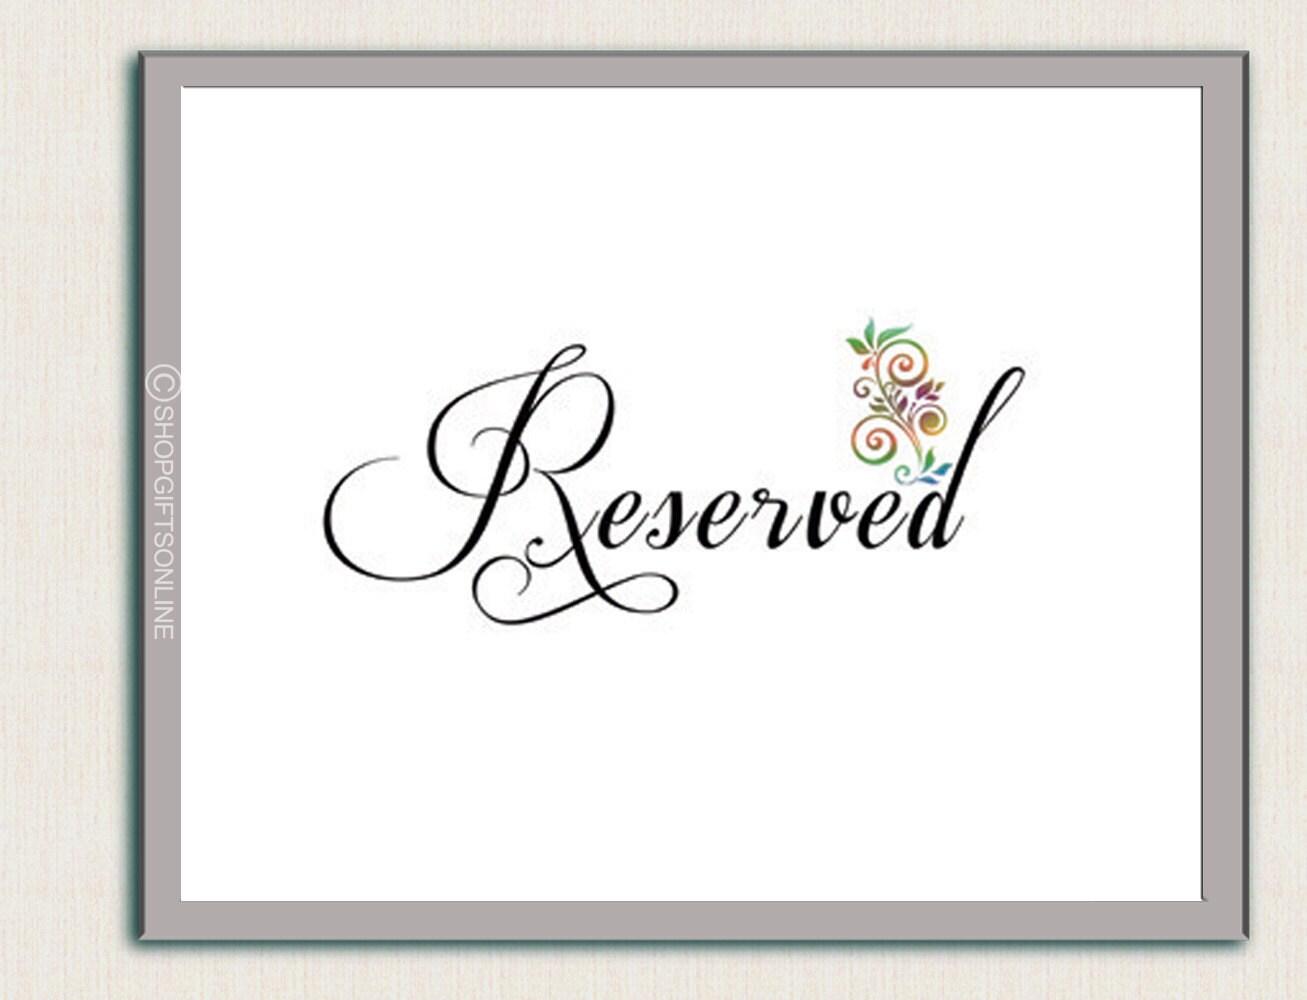 Boda mesa signo reservado mesa signo reservado mesa evento